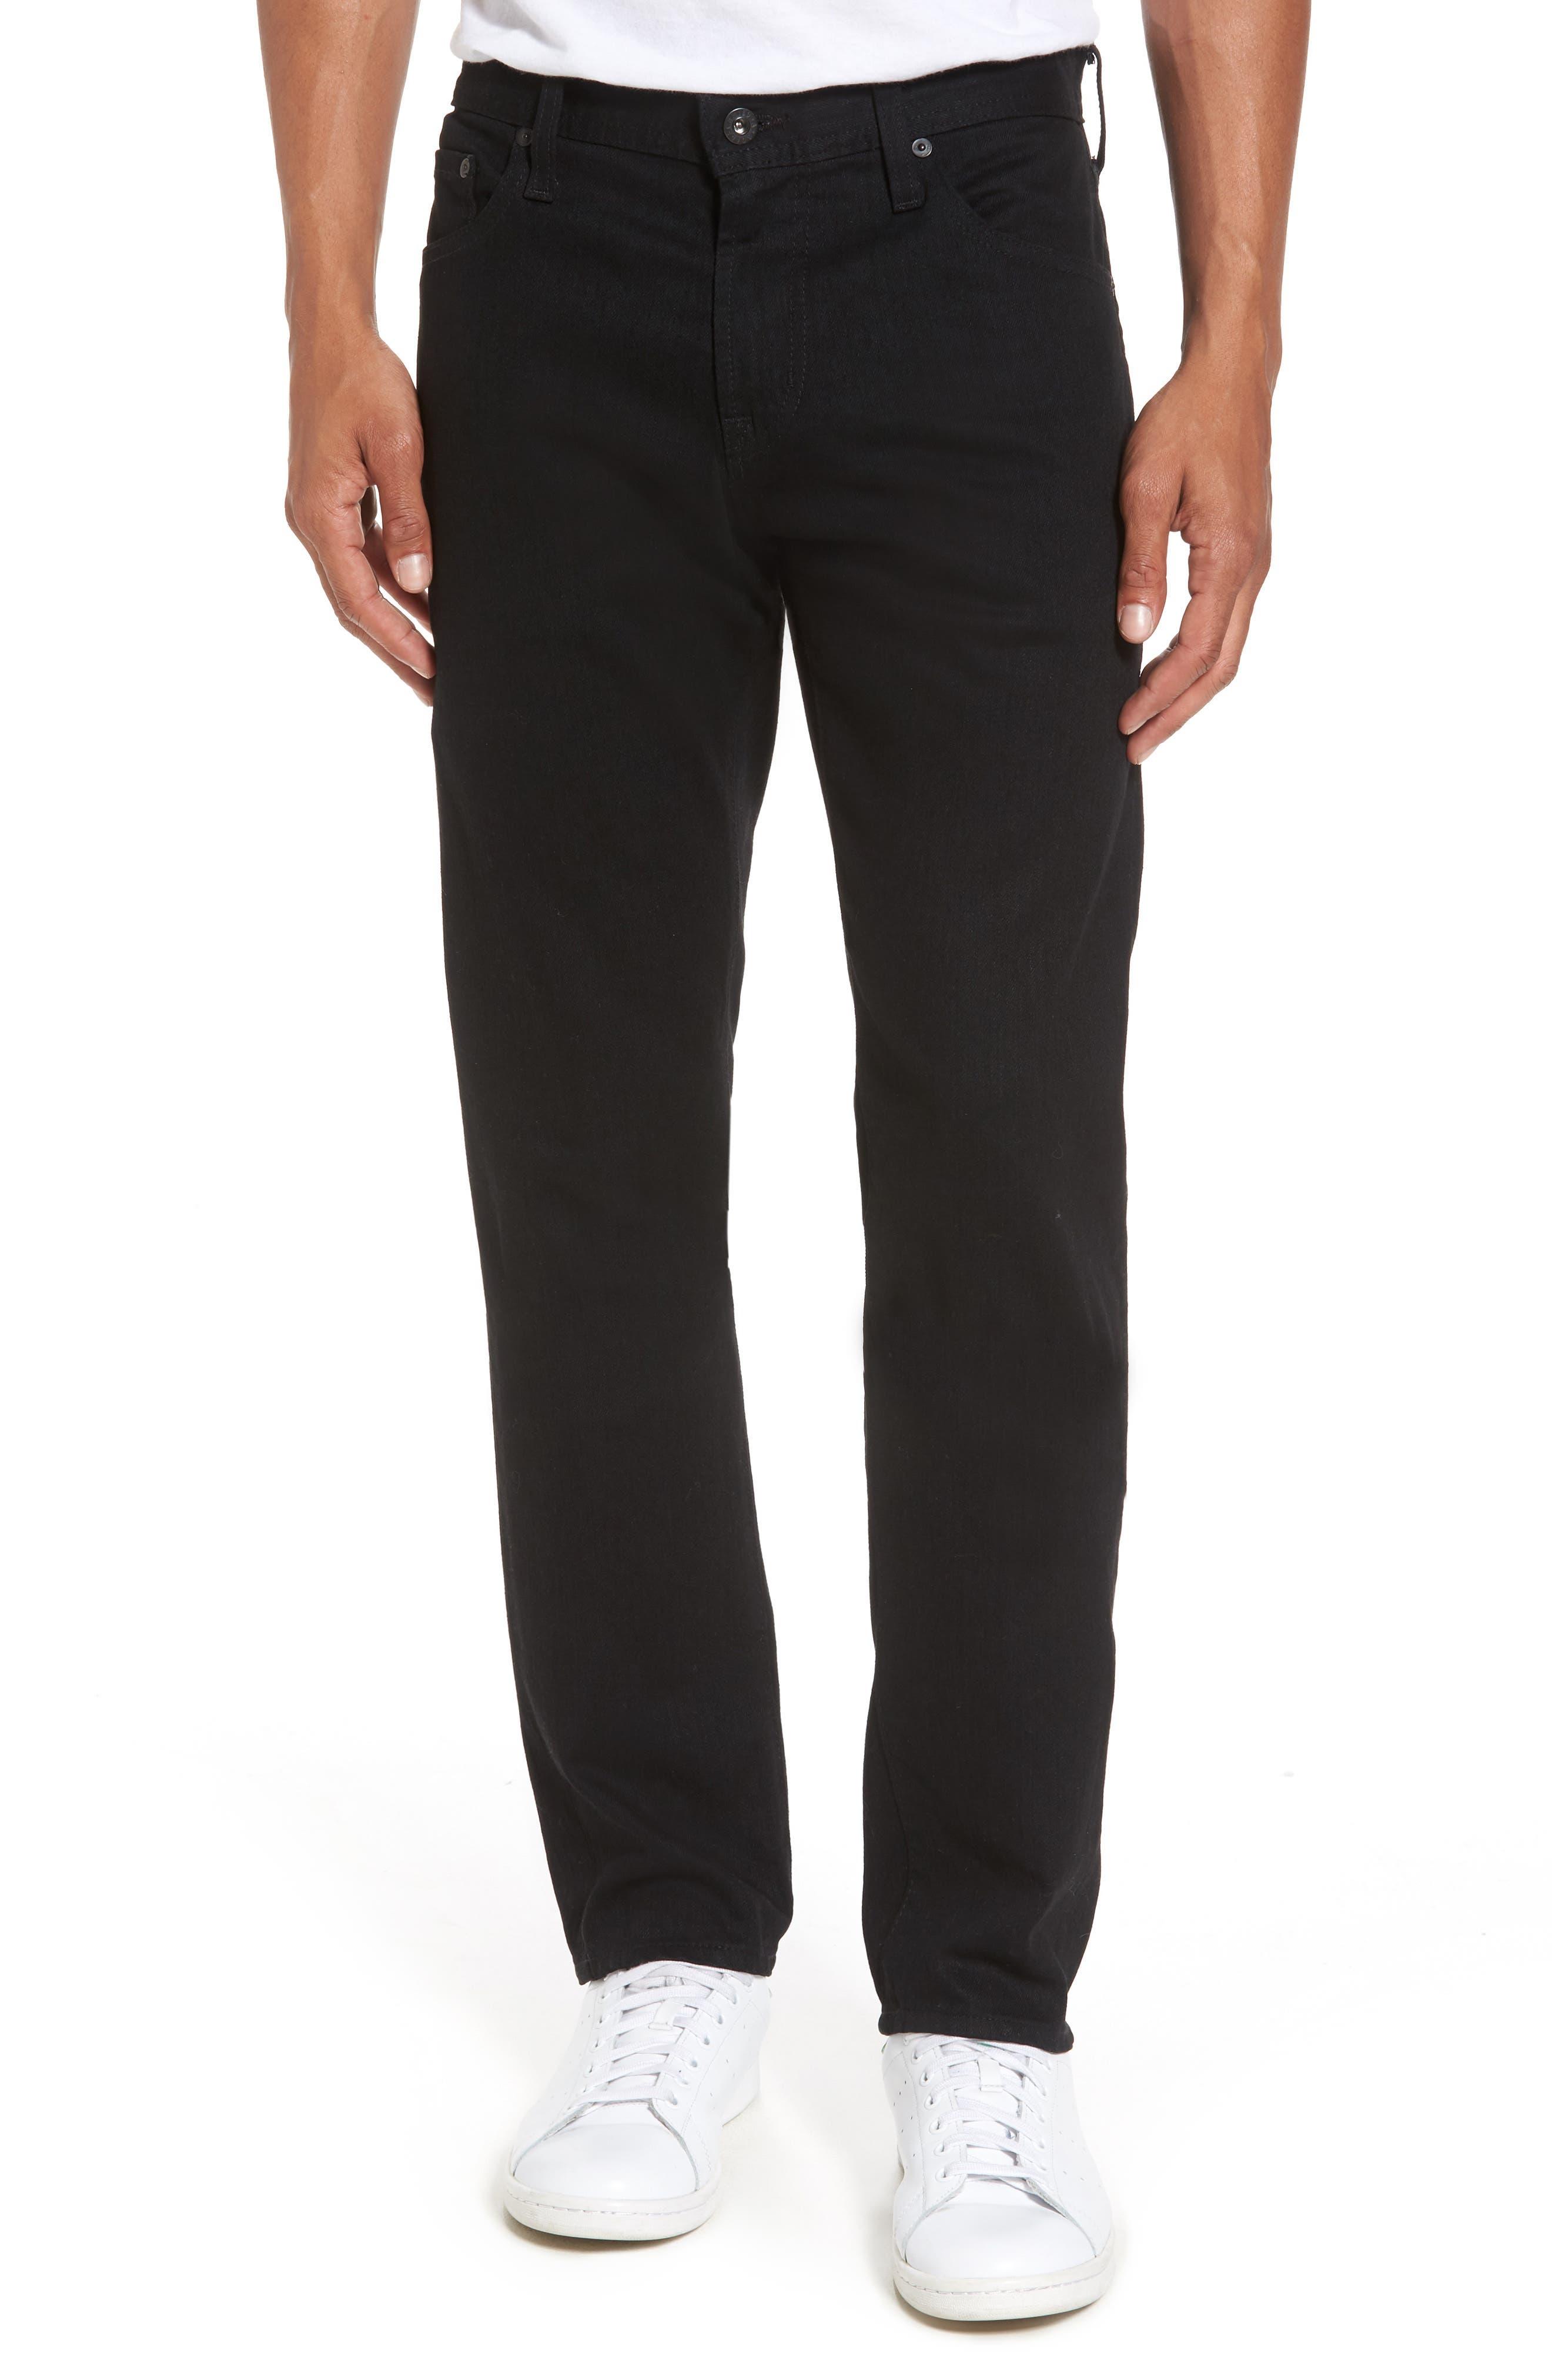 Tellis Slim Fit Jeans,                         Main,                         color, Deep Pitch